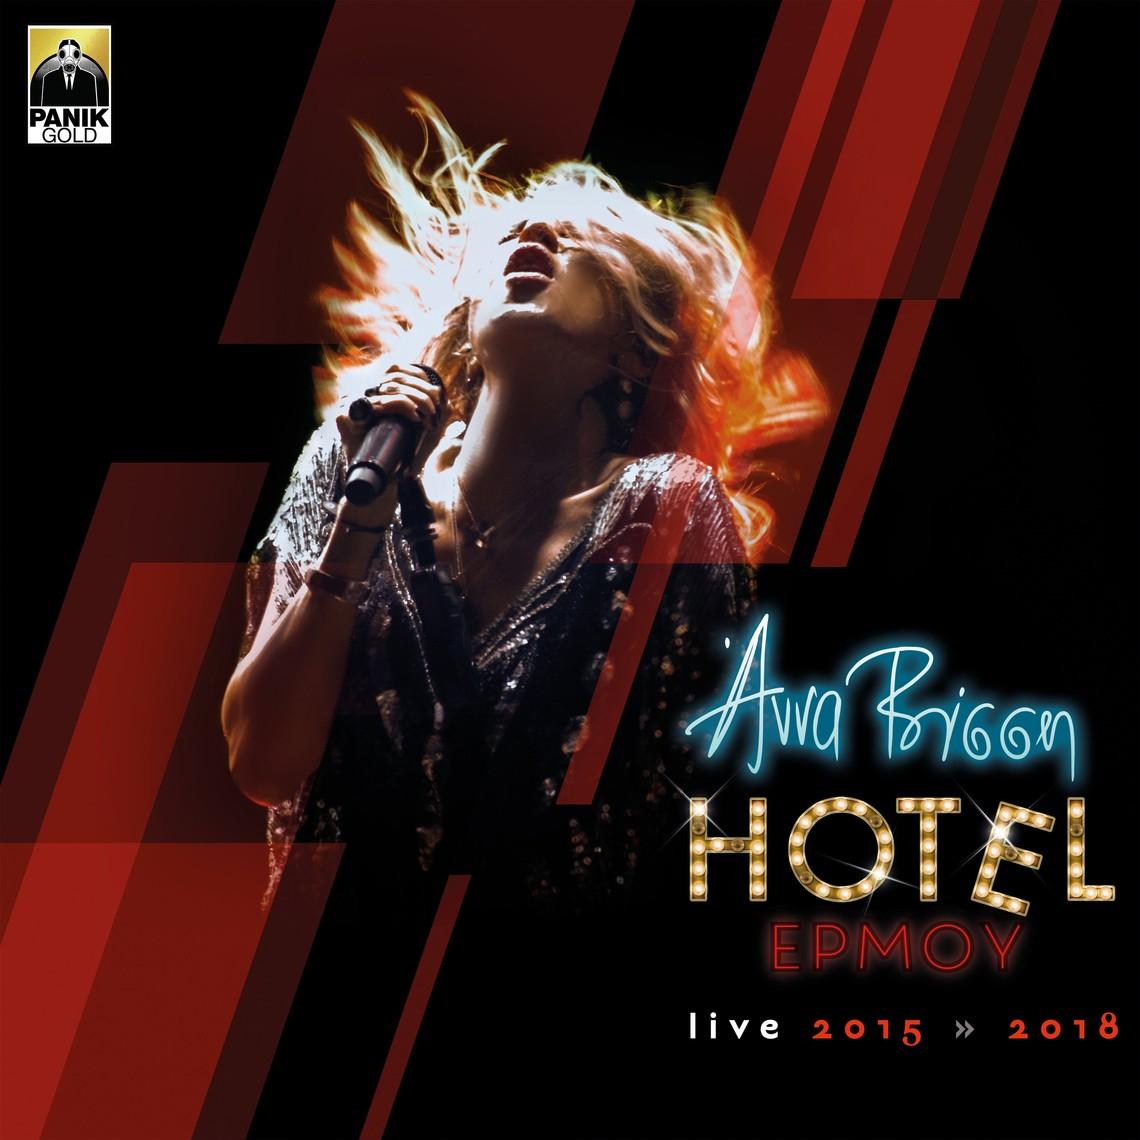 Άννα Βίσση «Hotel Ερμού live 2015 – 2018» τριπλό live album